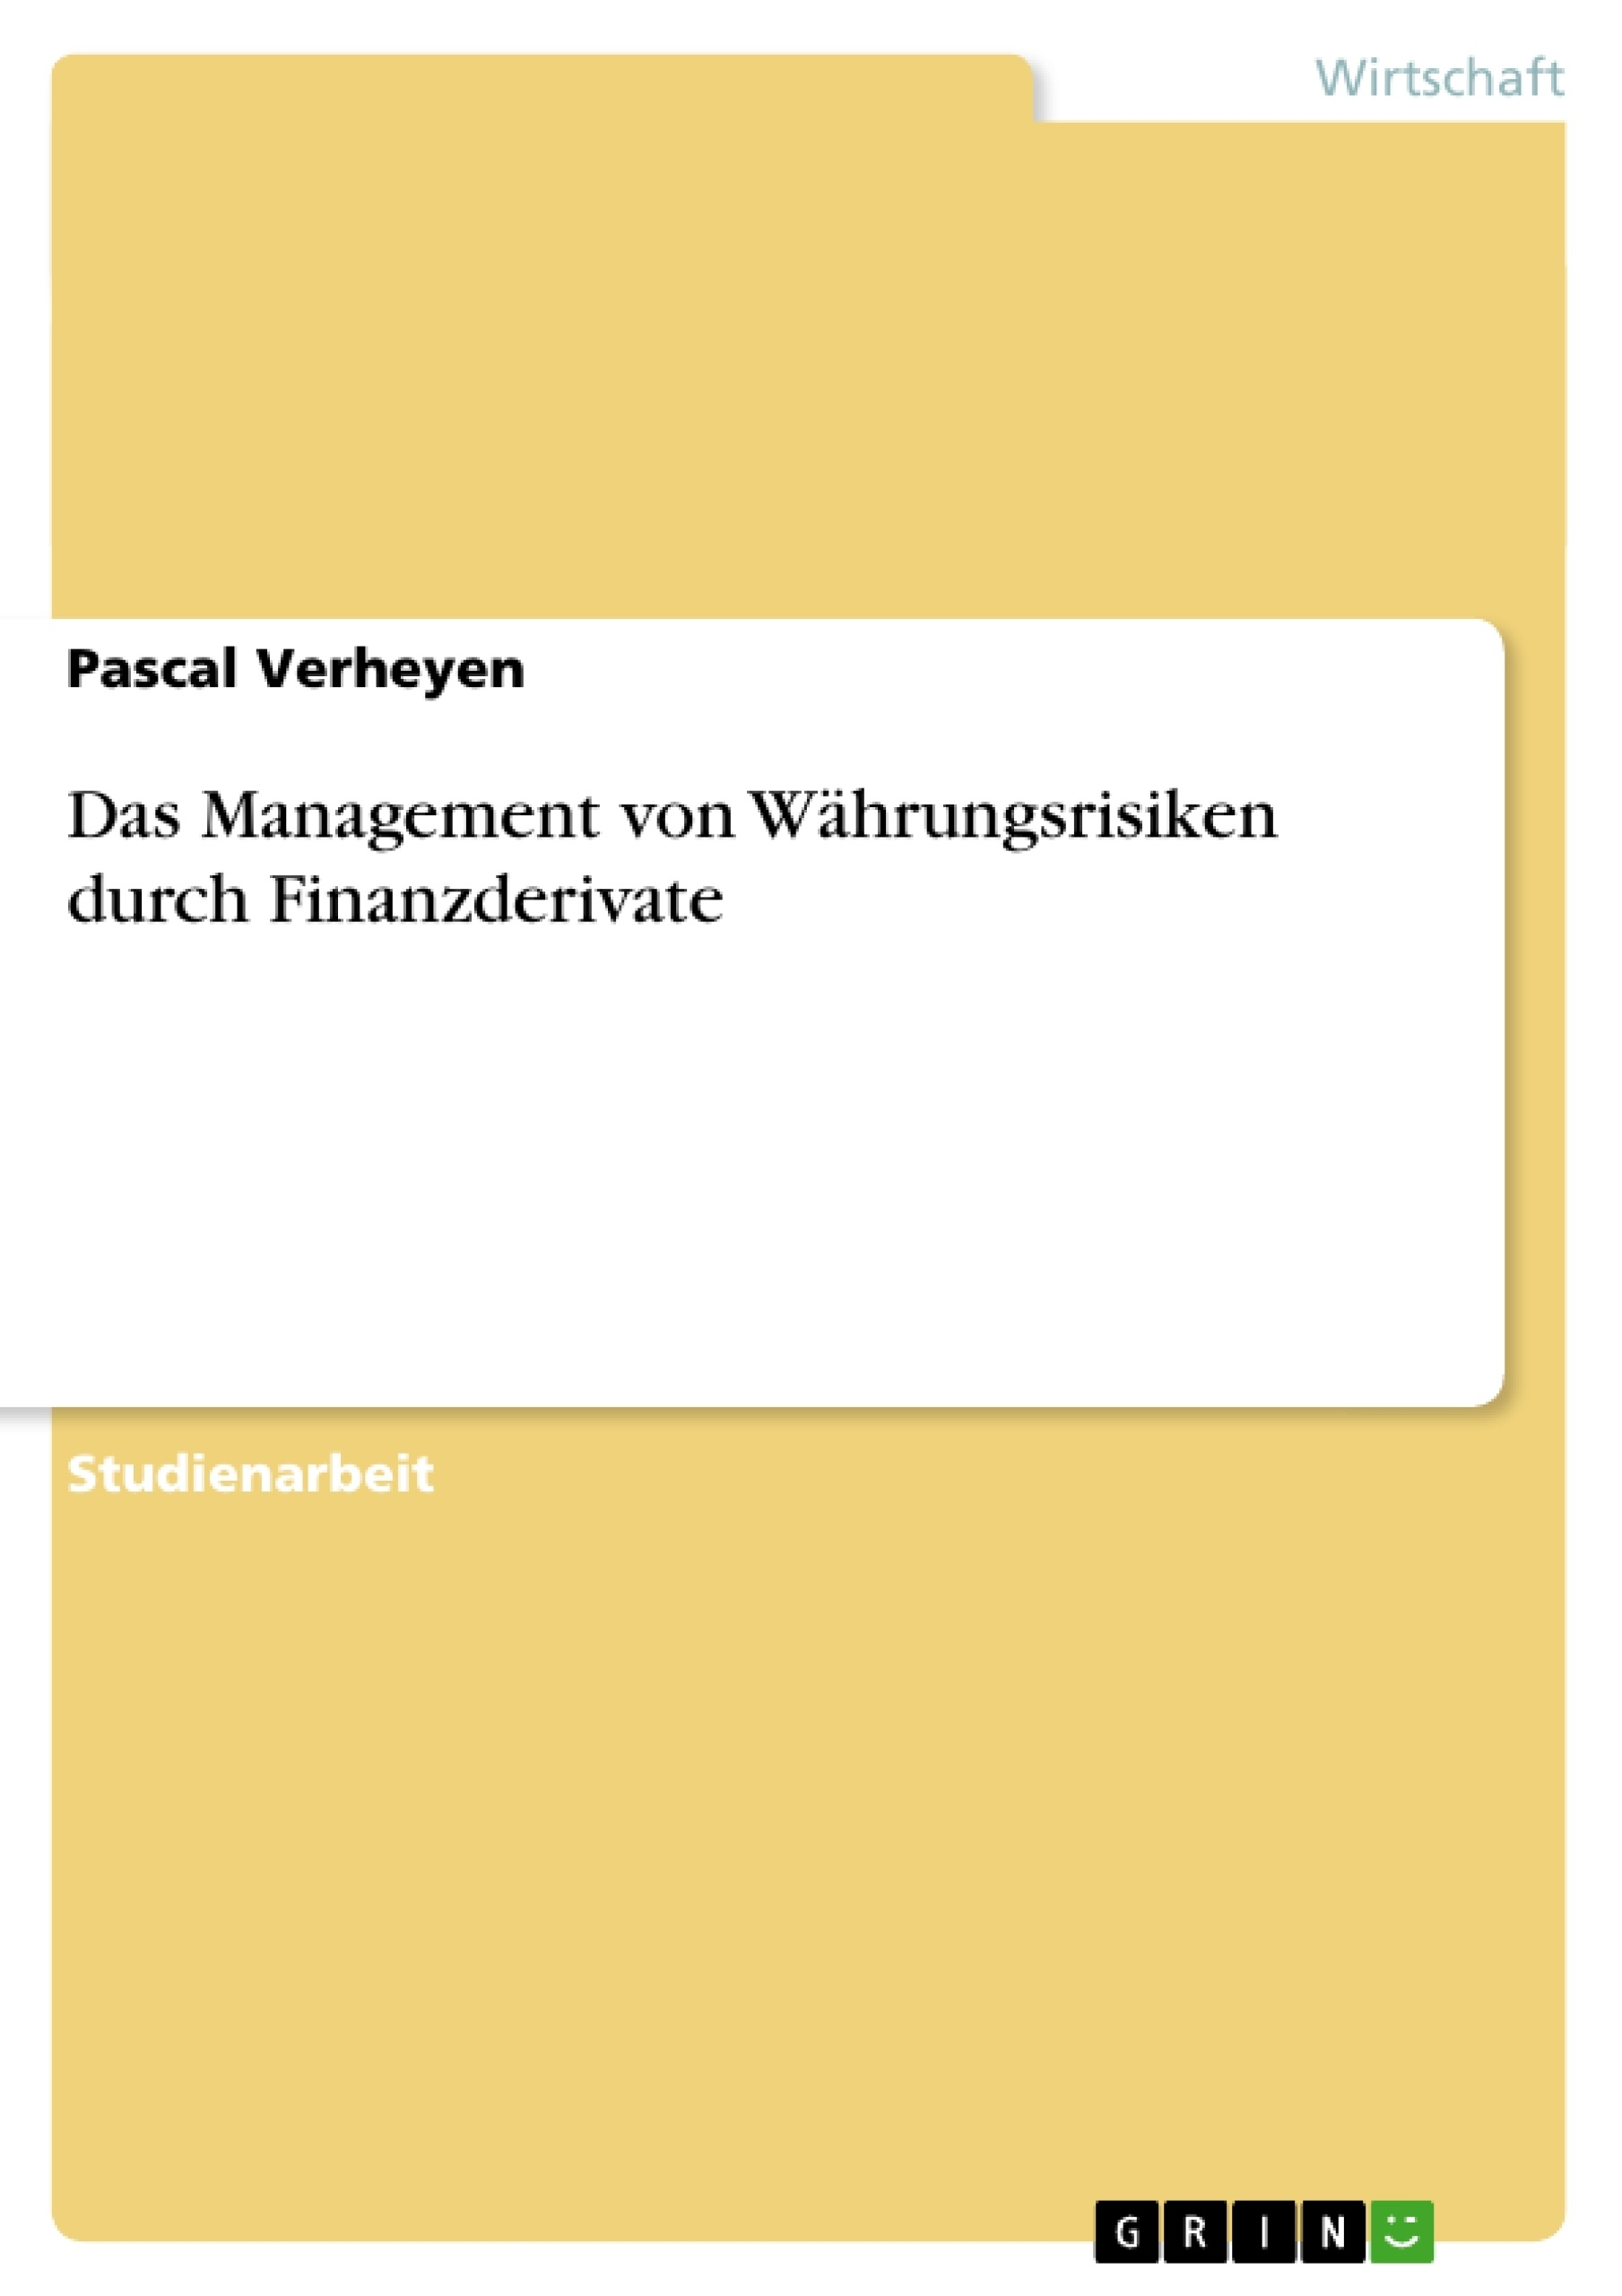 Titel: Das Management von Währungsrisiken durch Finanzderivate